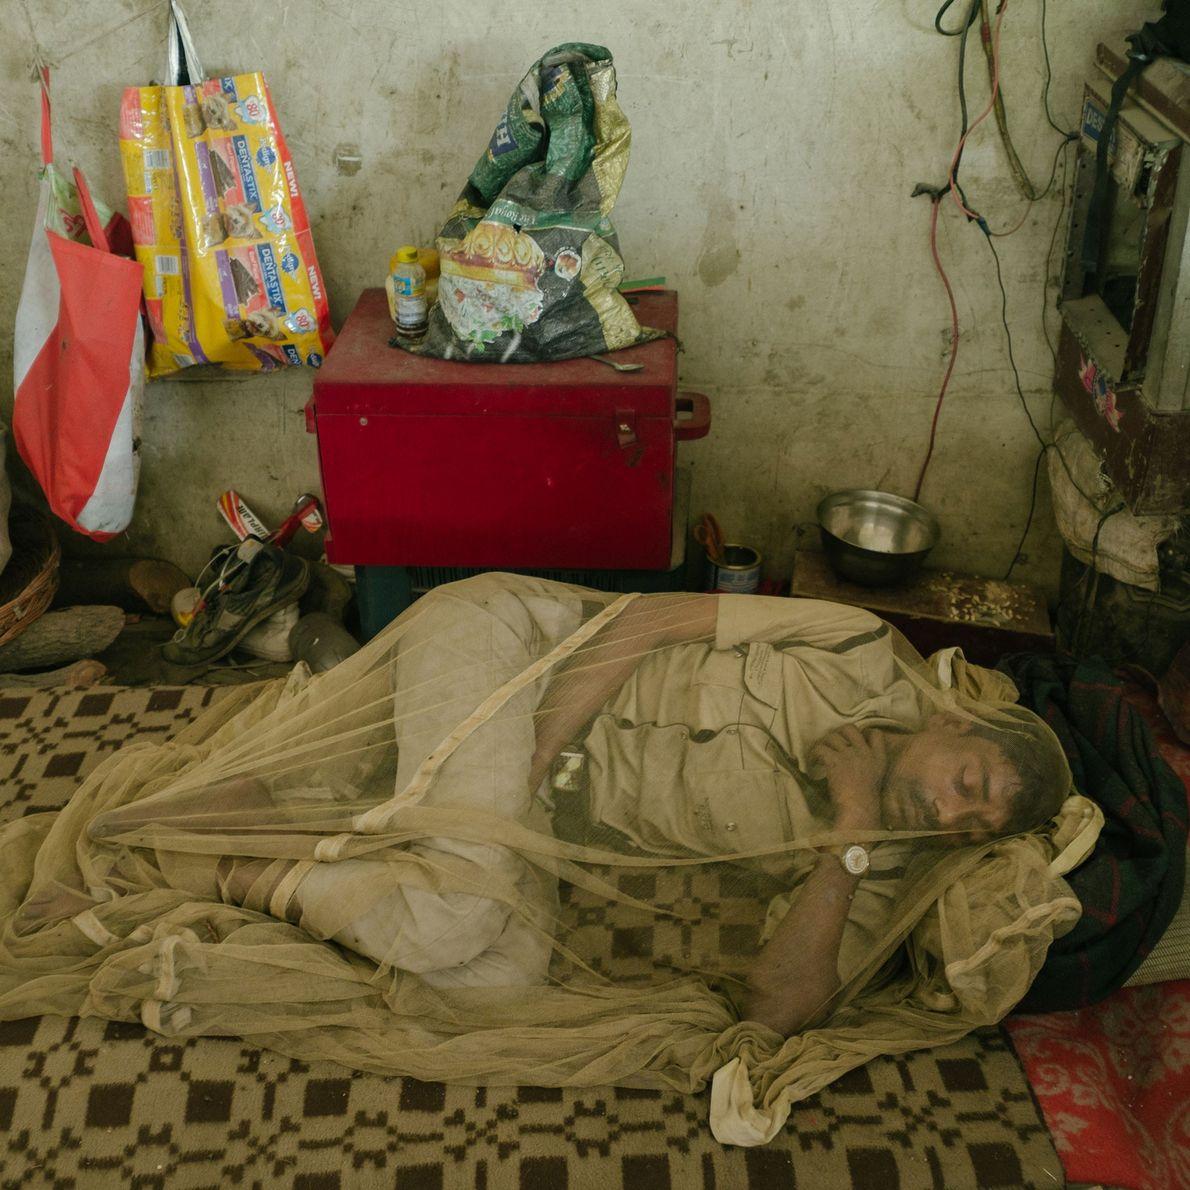 Fotografia de um homem a dormir dentro de um mosquiteiro